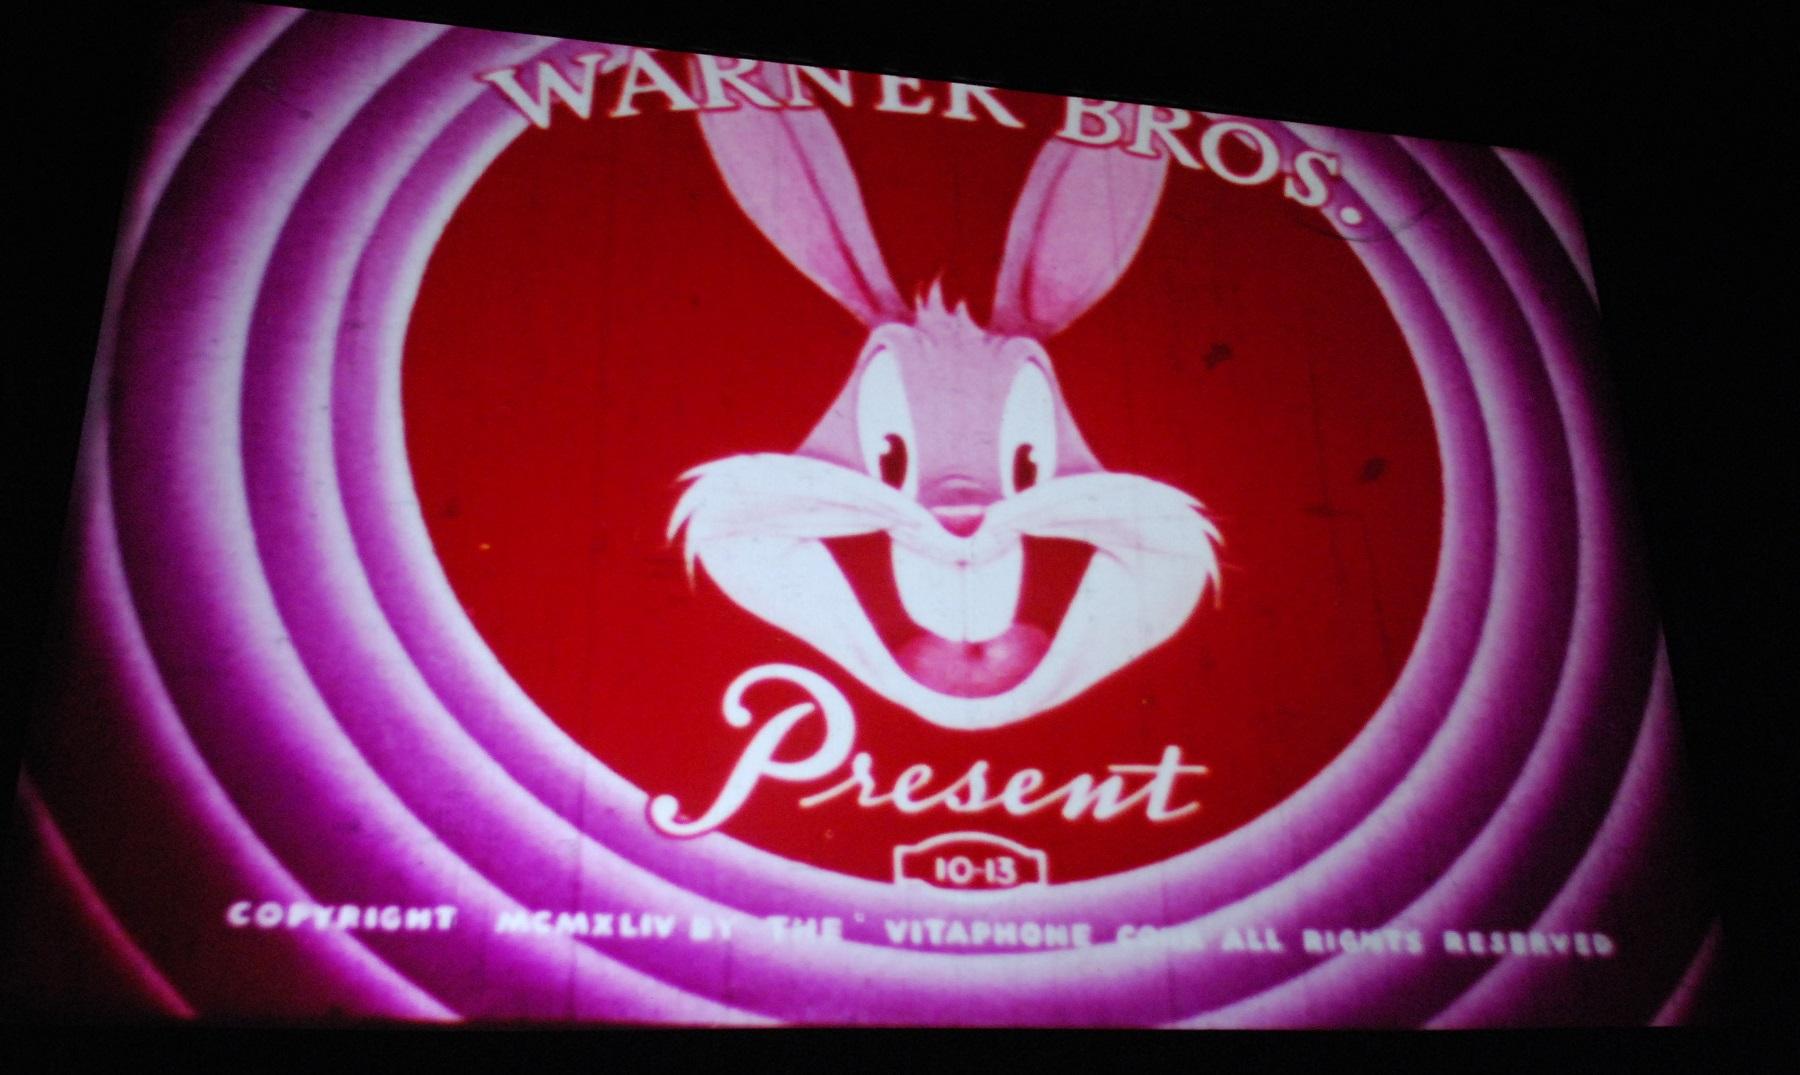 La asombrosa historia del conejo Bugs Bunny